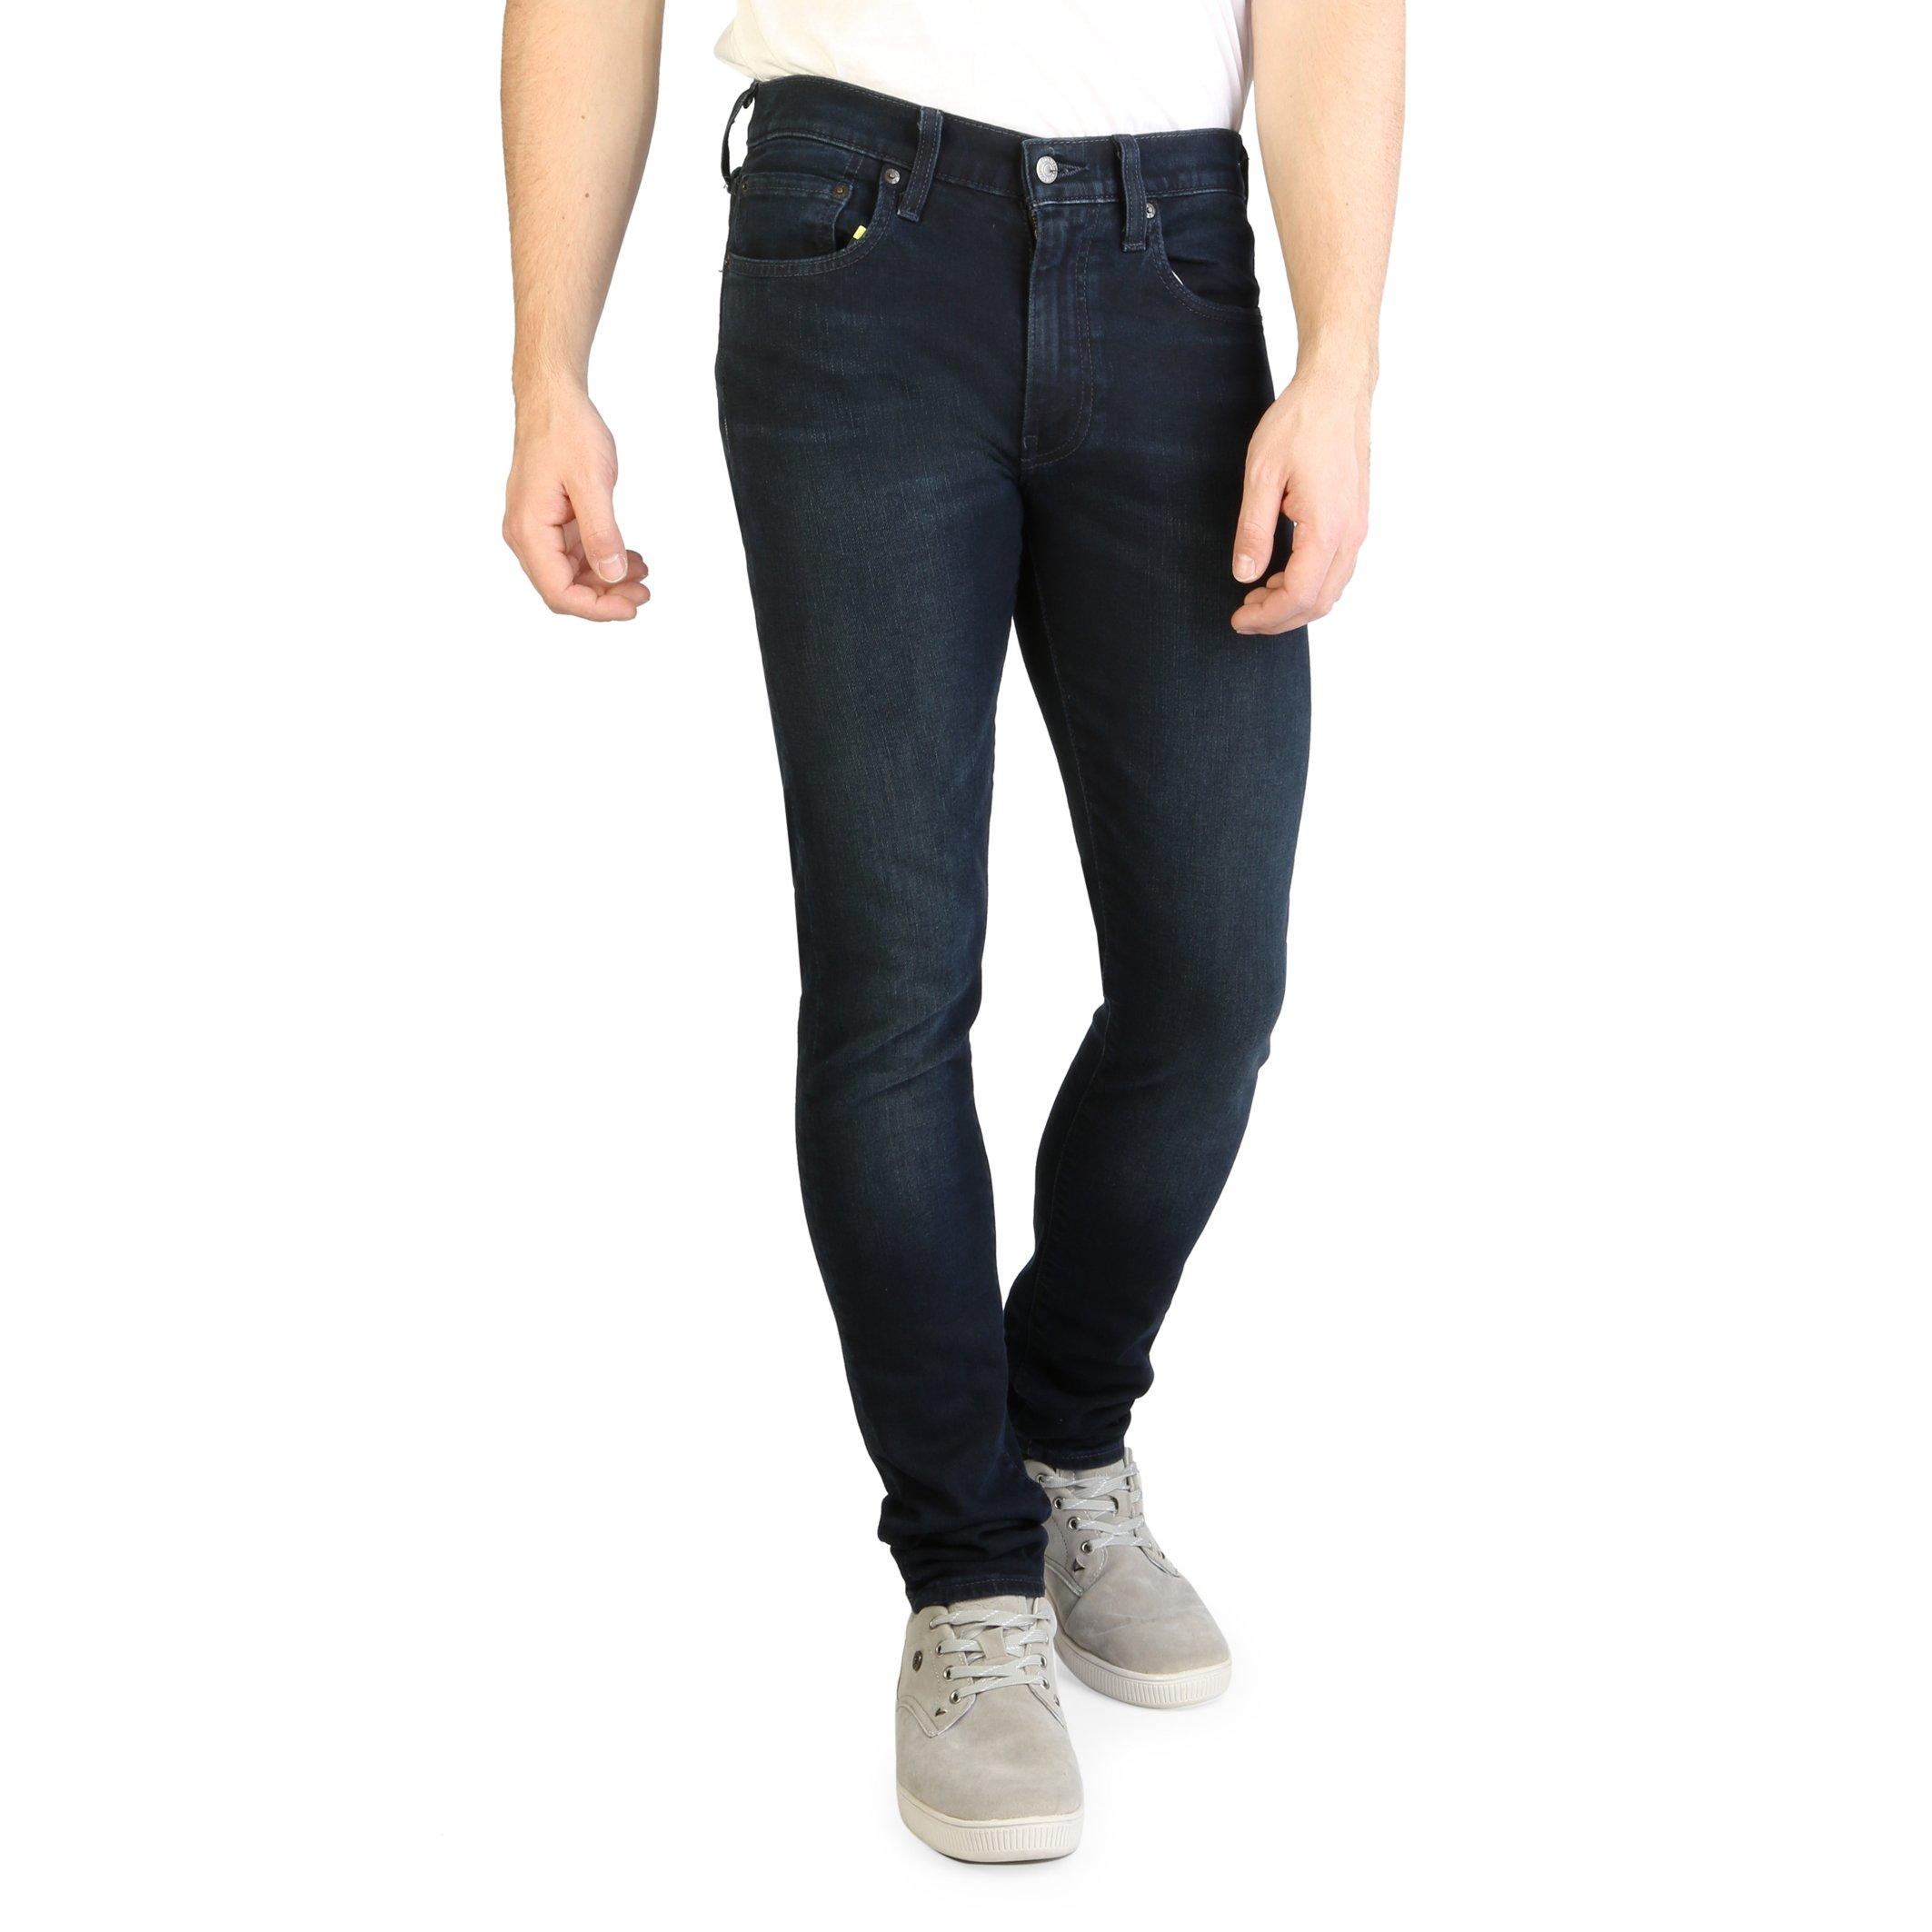 Levis Men's Jeans Blue 84558 - blue-1 33